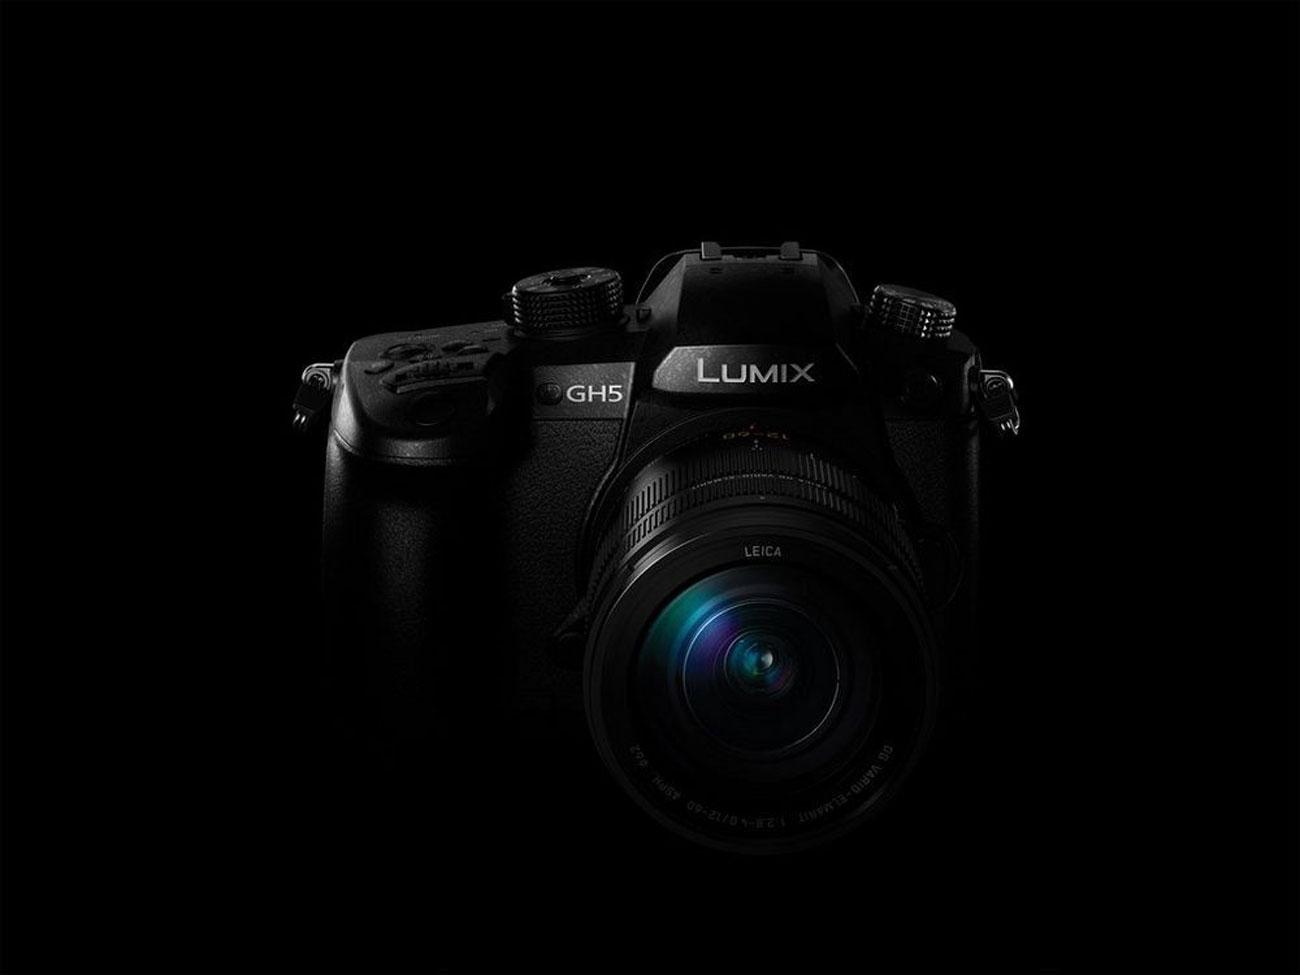 Panasonic introduce noua cameră foto GH5S cu capabilități avansate de producție cinematografică